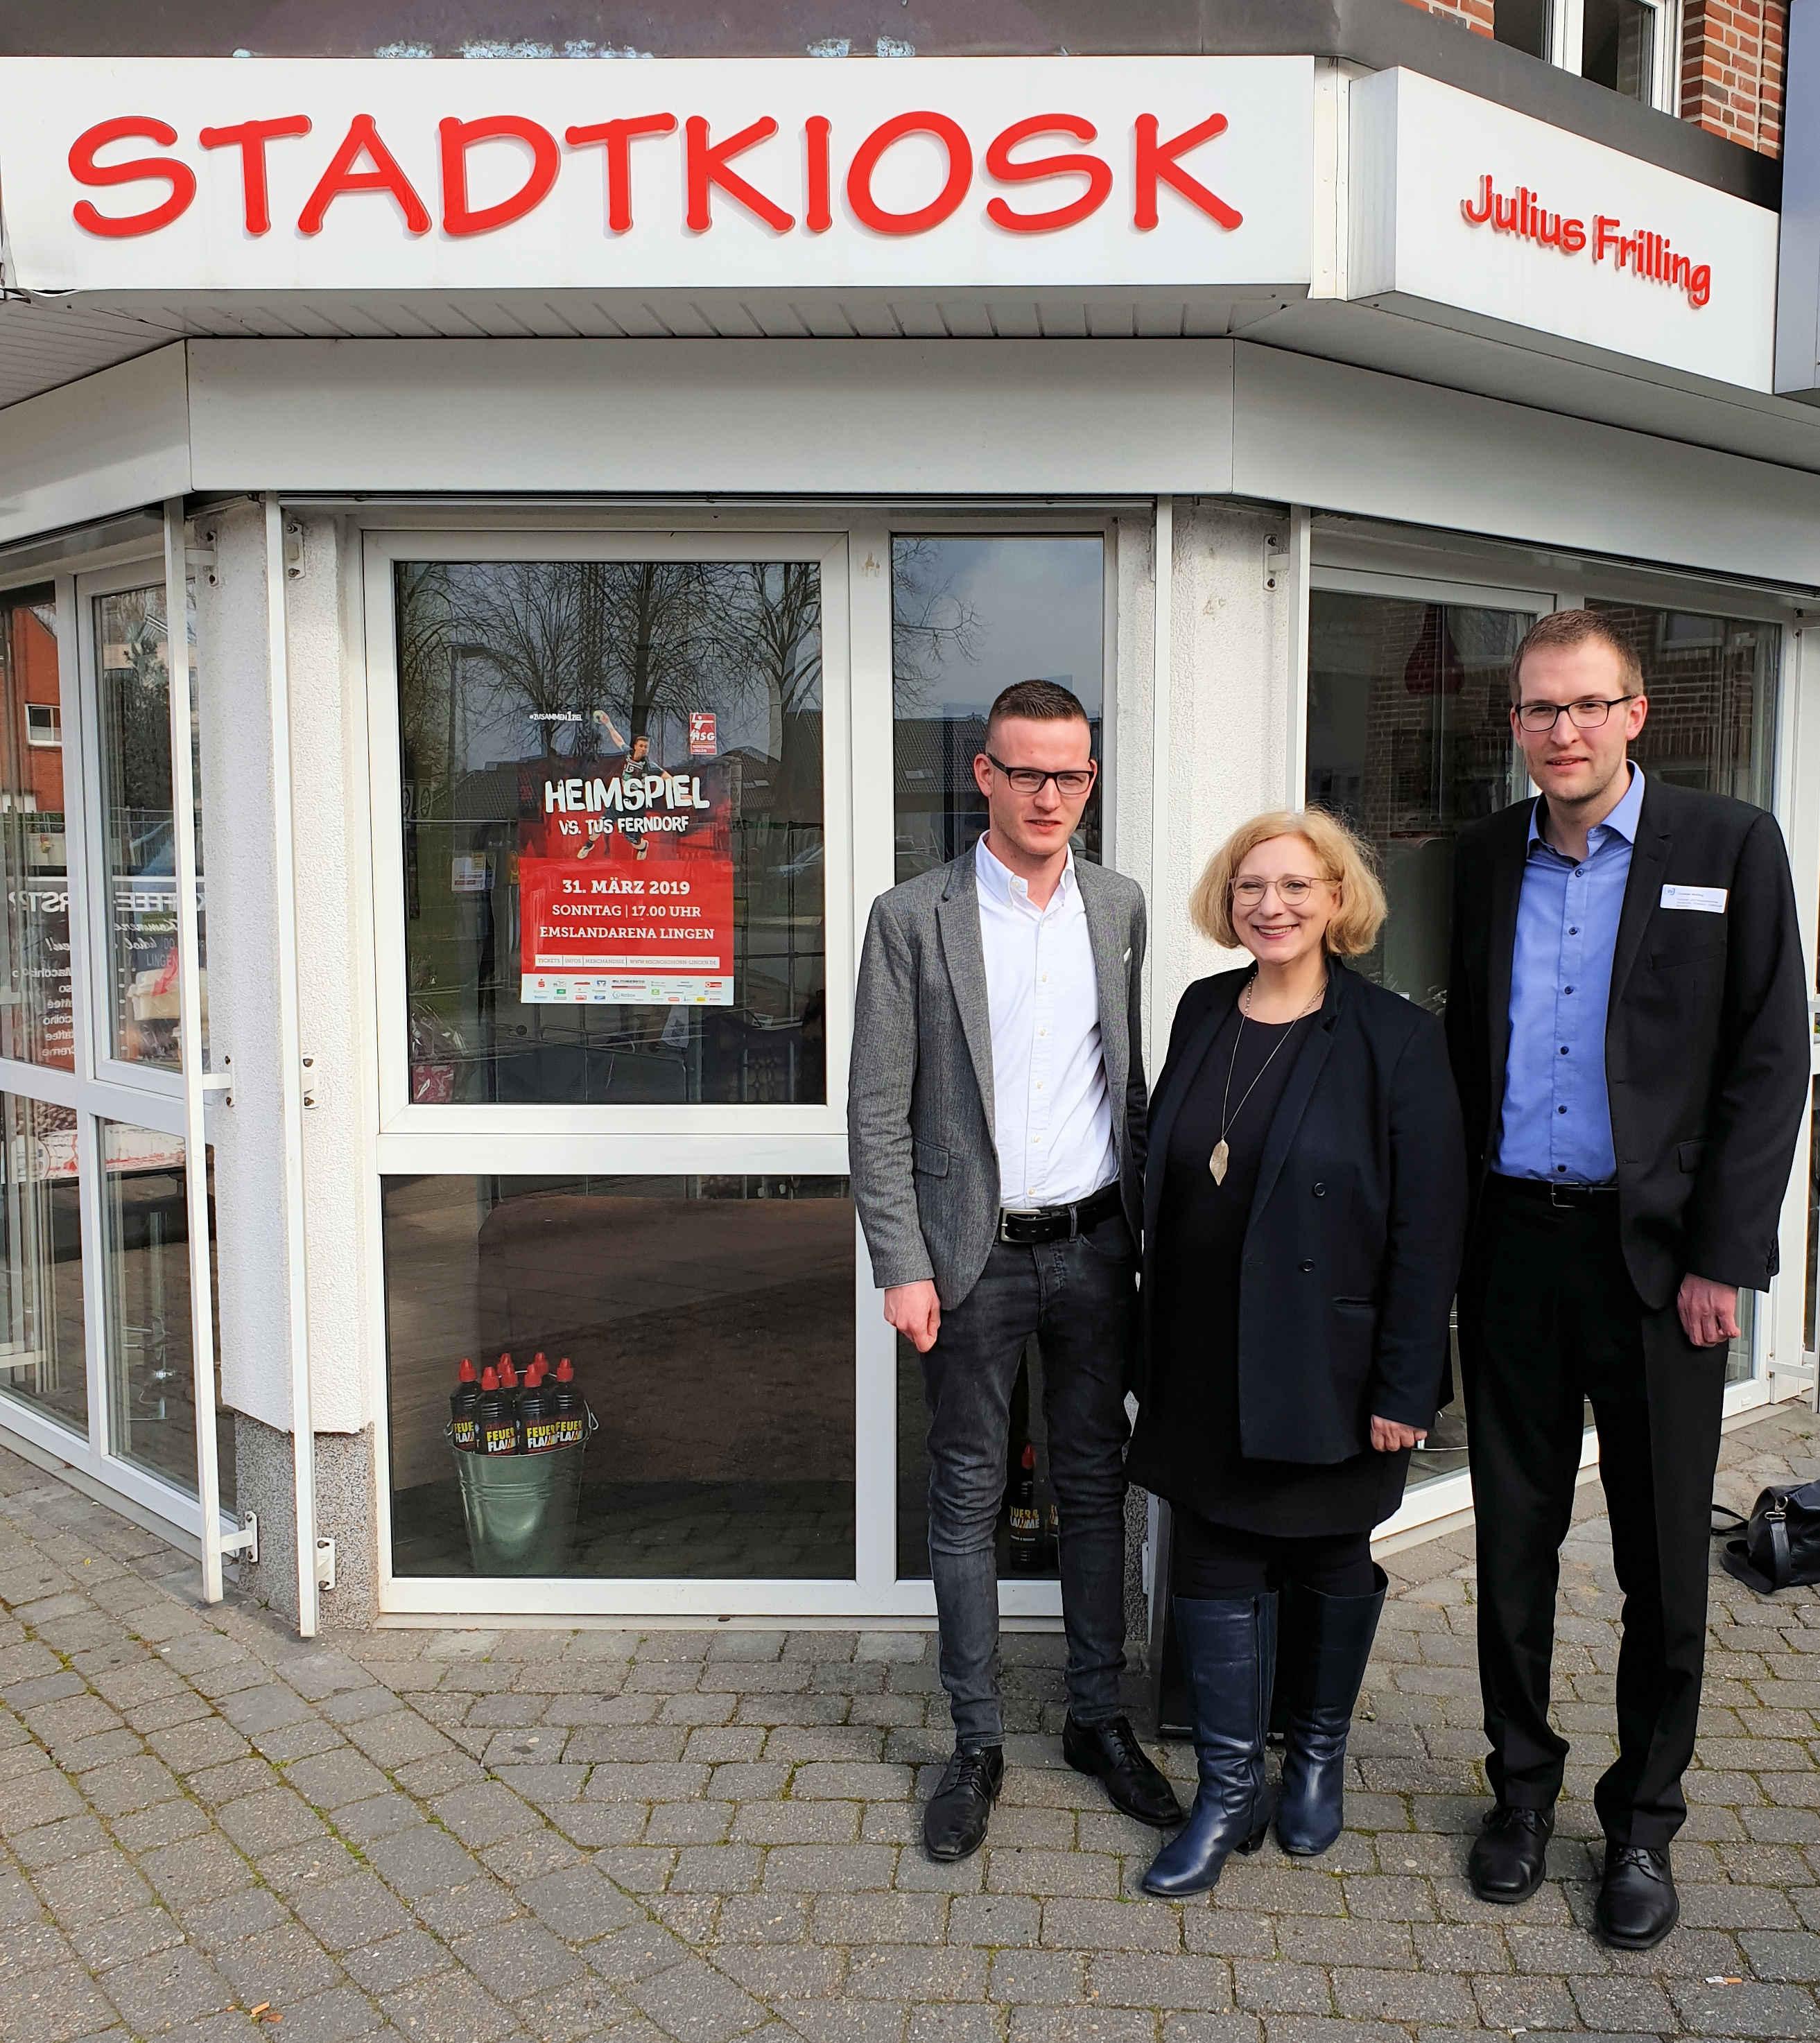 V.l.n.r.: Julius Frilling (Vorsitzender der Wirtschaftsjunioren), Dr. Daniela De Ridder und Christian Weßling (IHK)